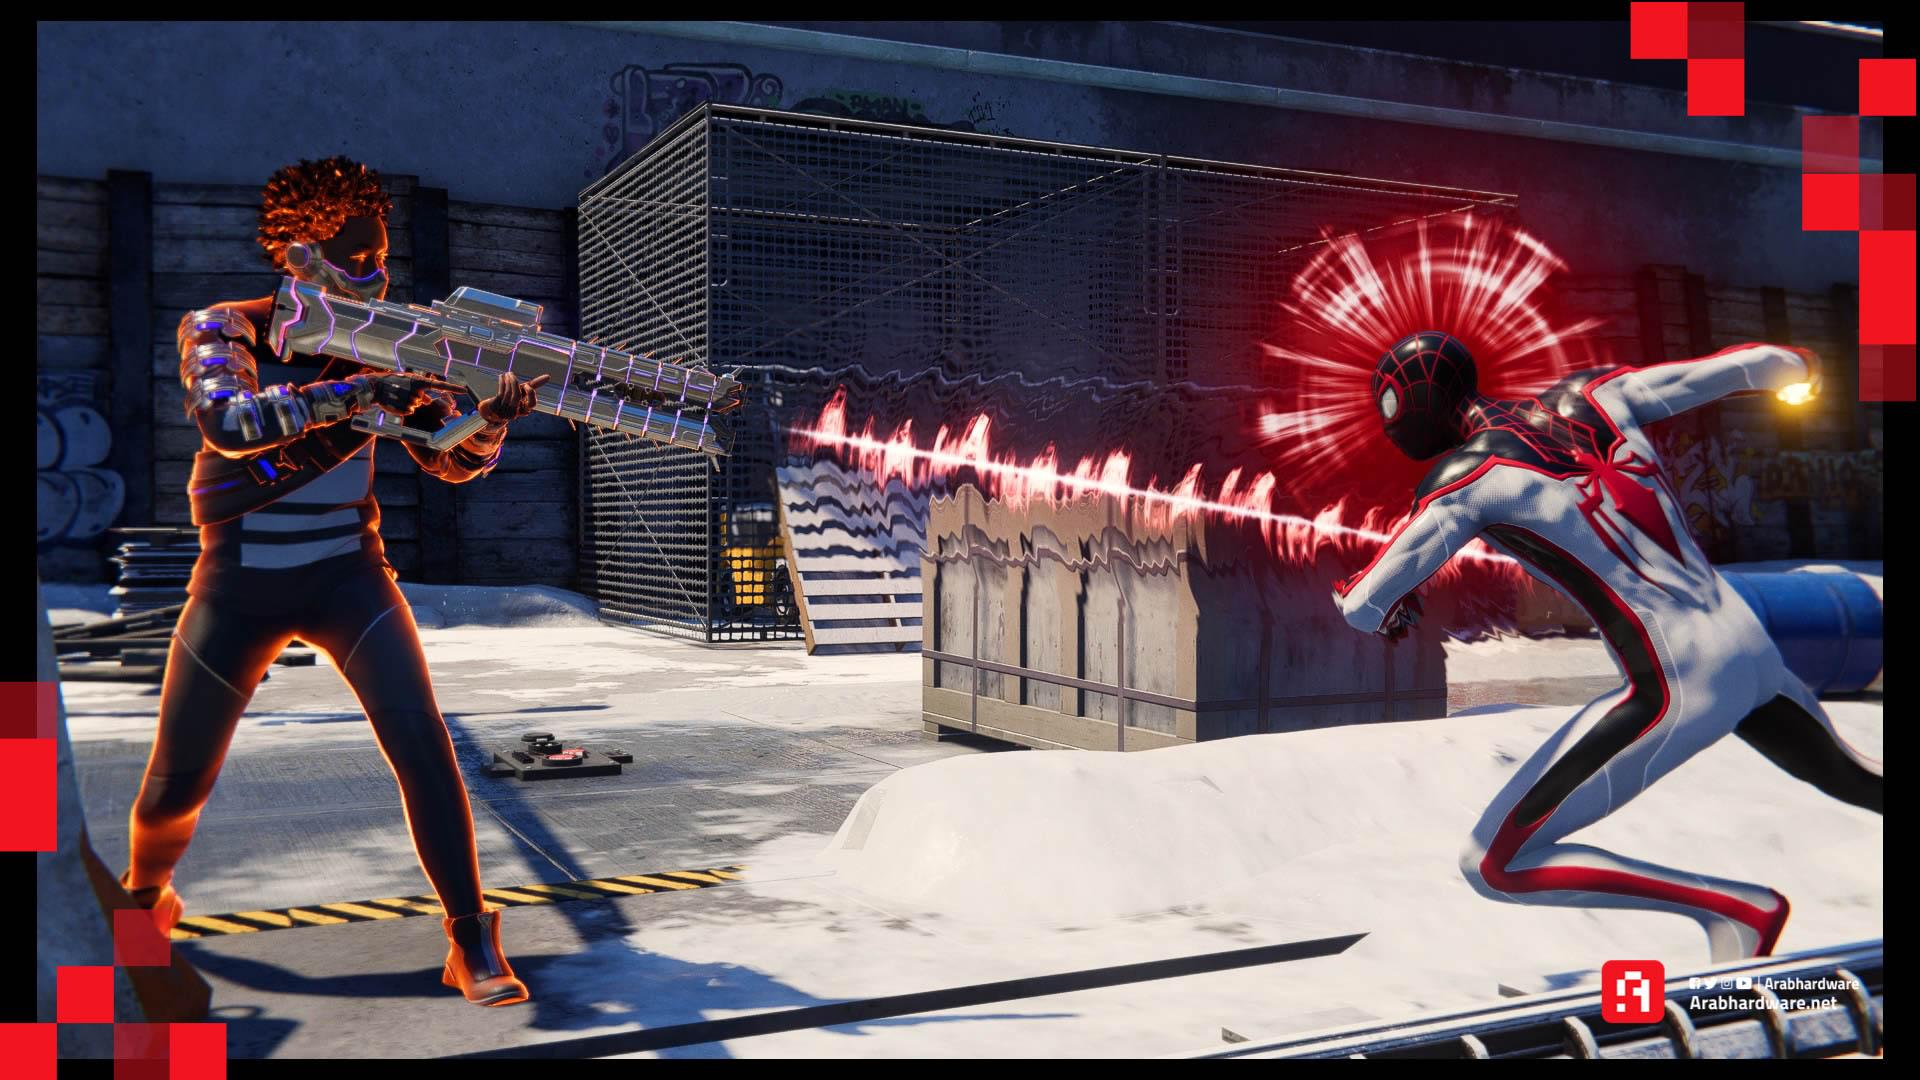 Spiderman Miles Morales مراجعة PS5 بلايستيشن 5 (1)